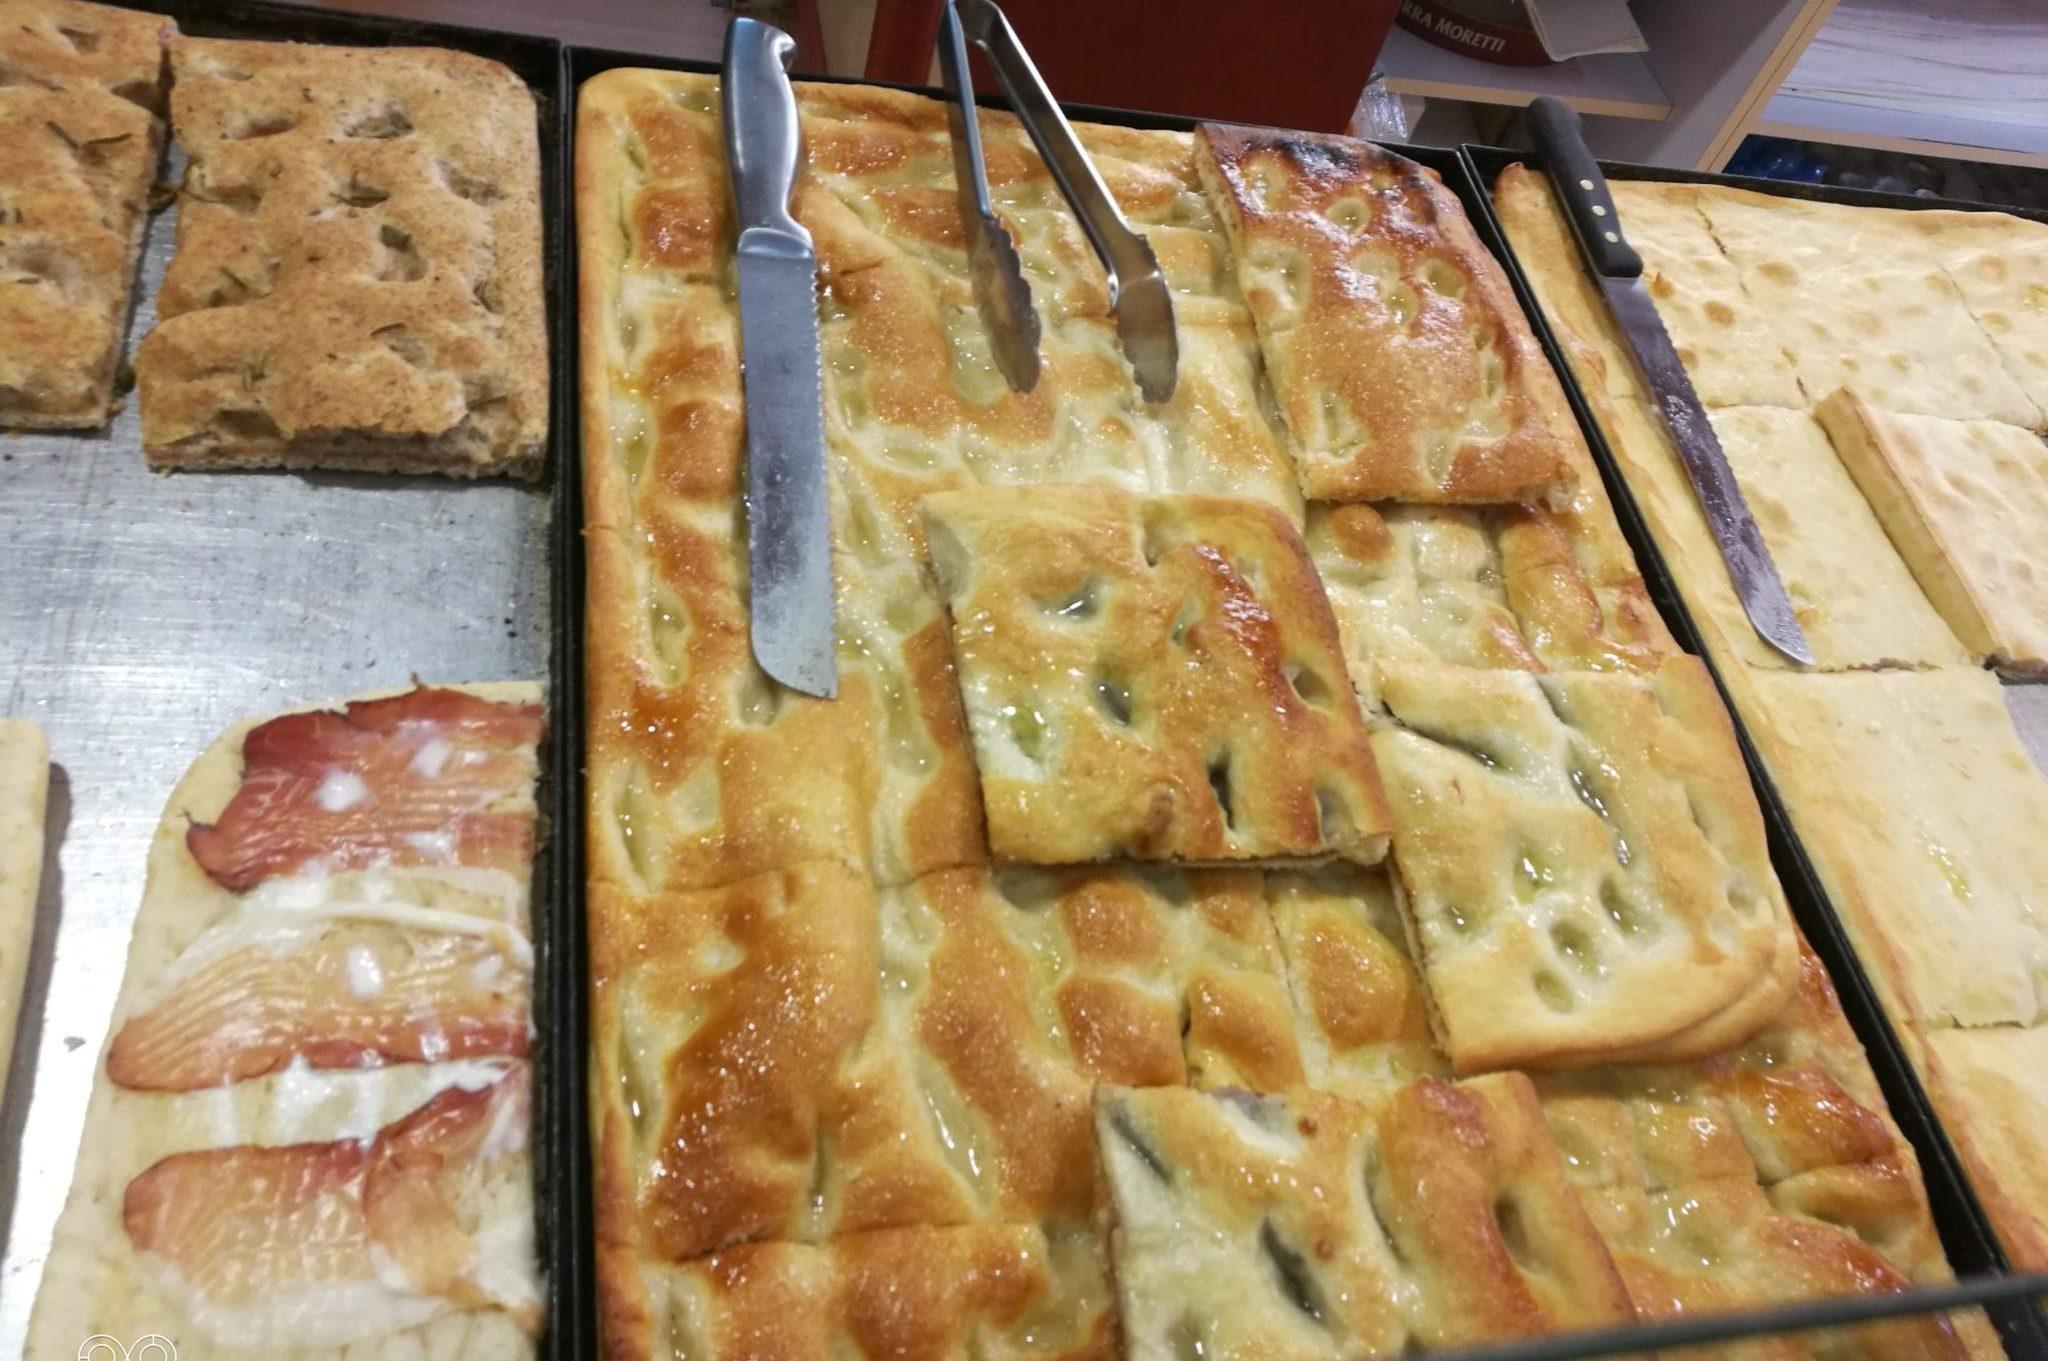 Ricoperta di zucchero, ma non solo, la focaccia dolce è una tipica merenda alessandrina. Per farcela raccontare, abbiamo visitato tre panetterie della città